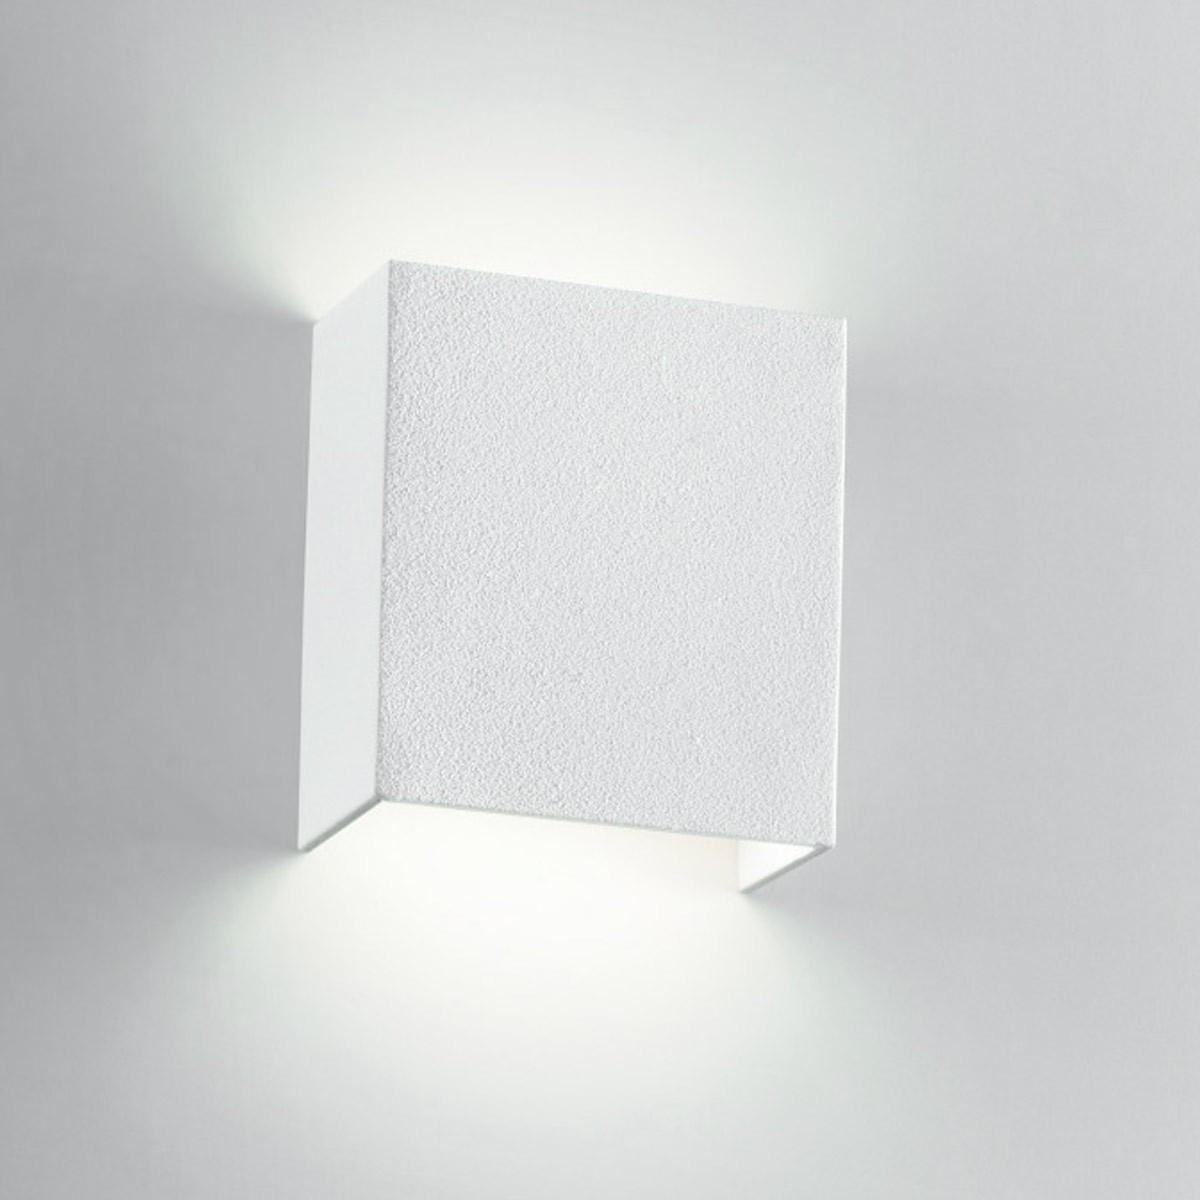 Faretti A Parete A Led.Applique Da Parete Led 6w Luce Calda In Alluminio Bianco